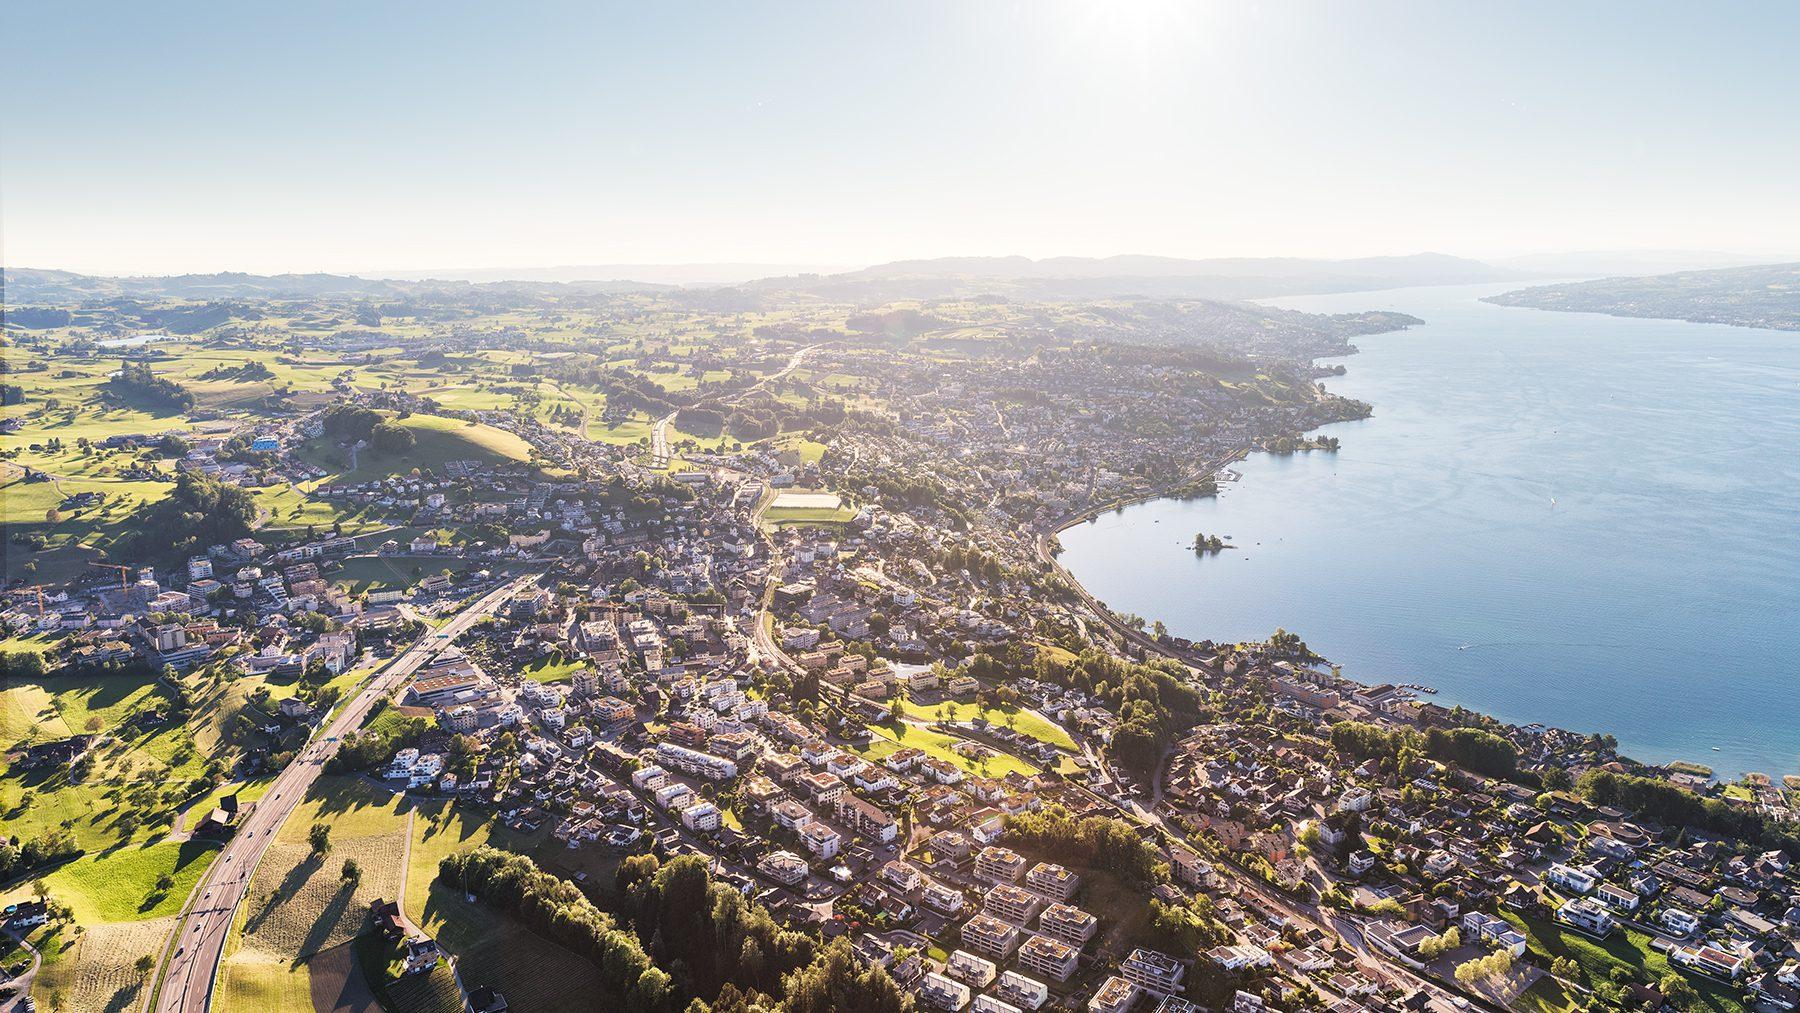 Luftaufnahmen mit Helikopter hoch über Wollerau mit Sicht nach Richterswil, Wädenswil, Halbinsel Au und Zürich. © by Gerry Pacher